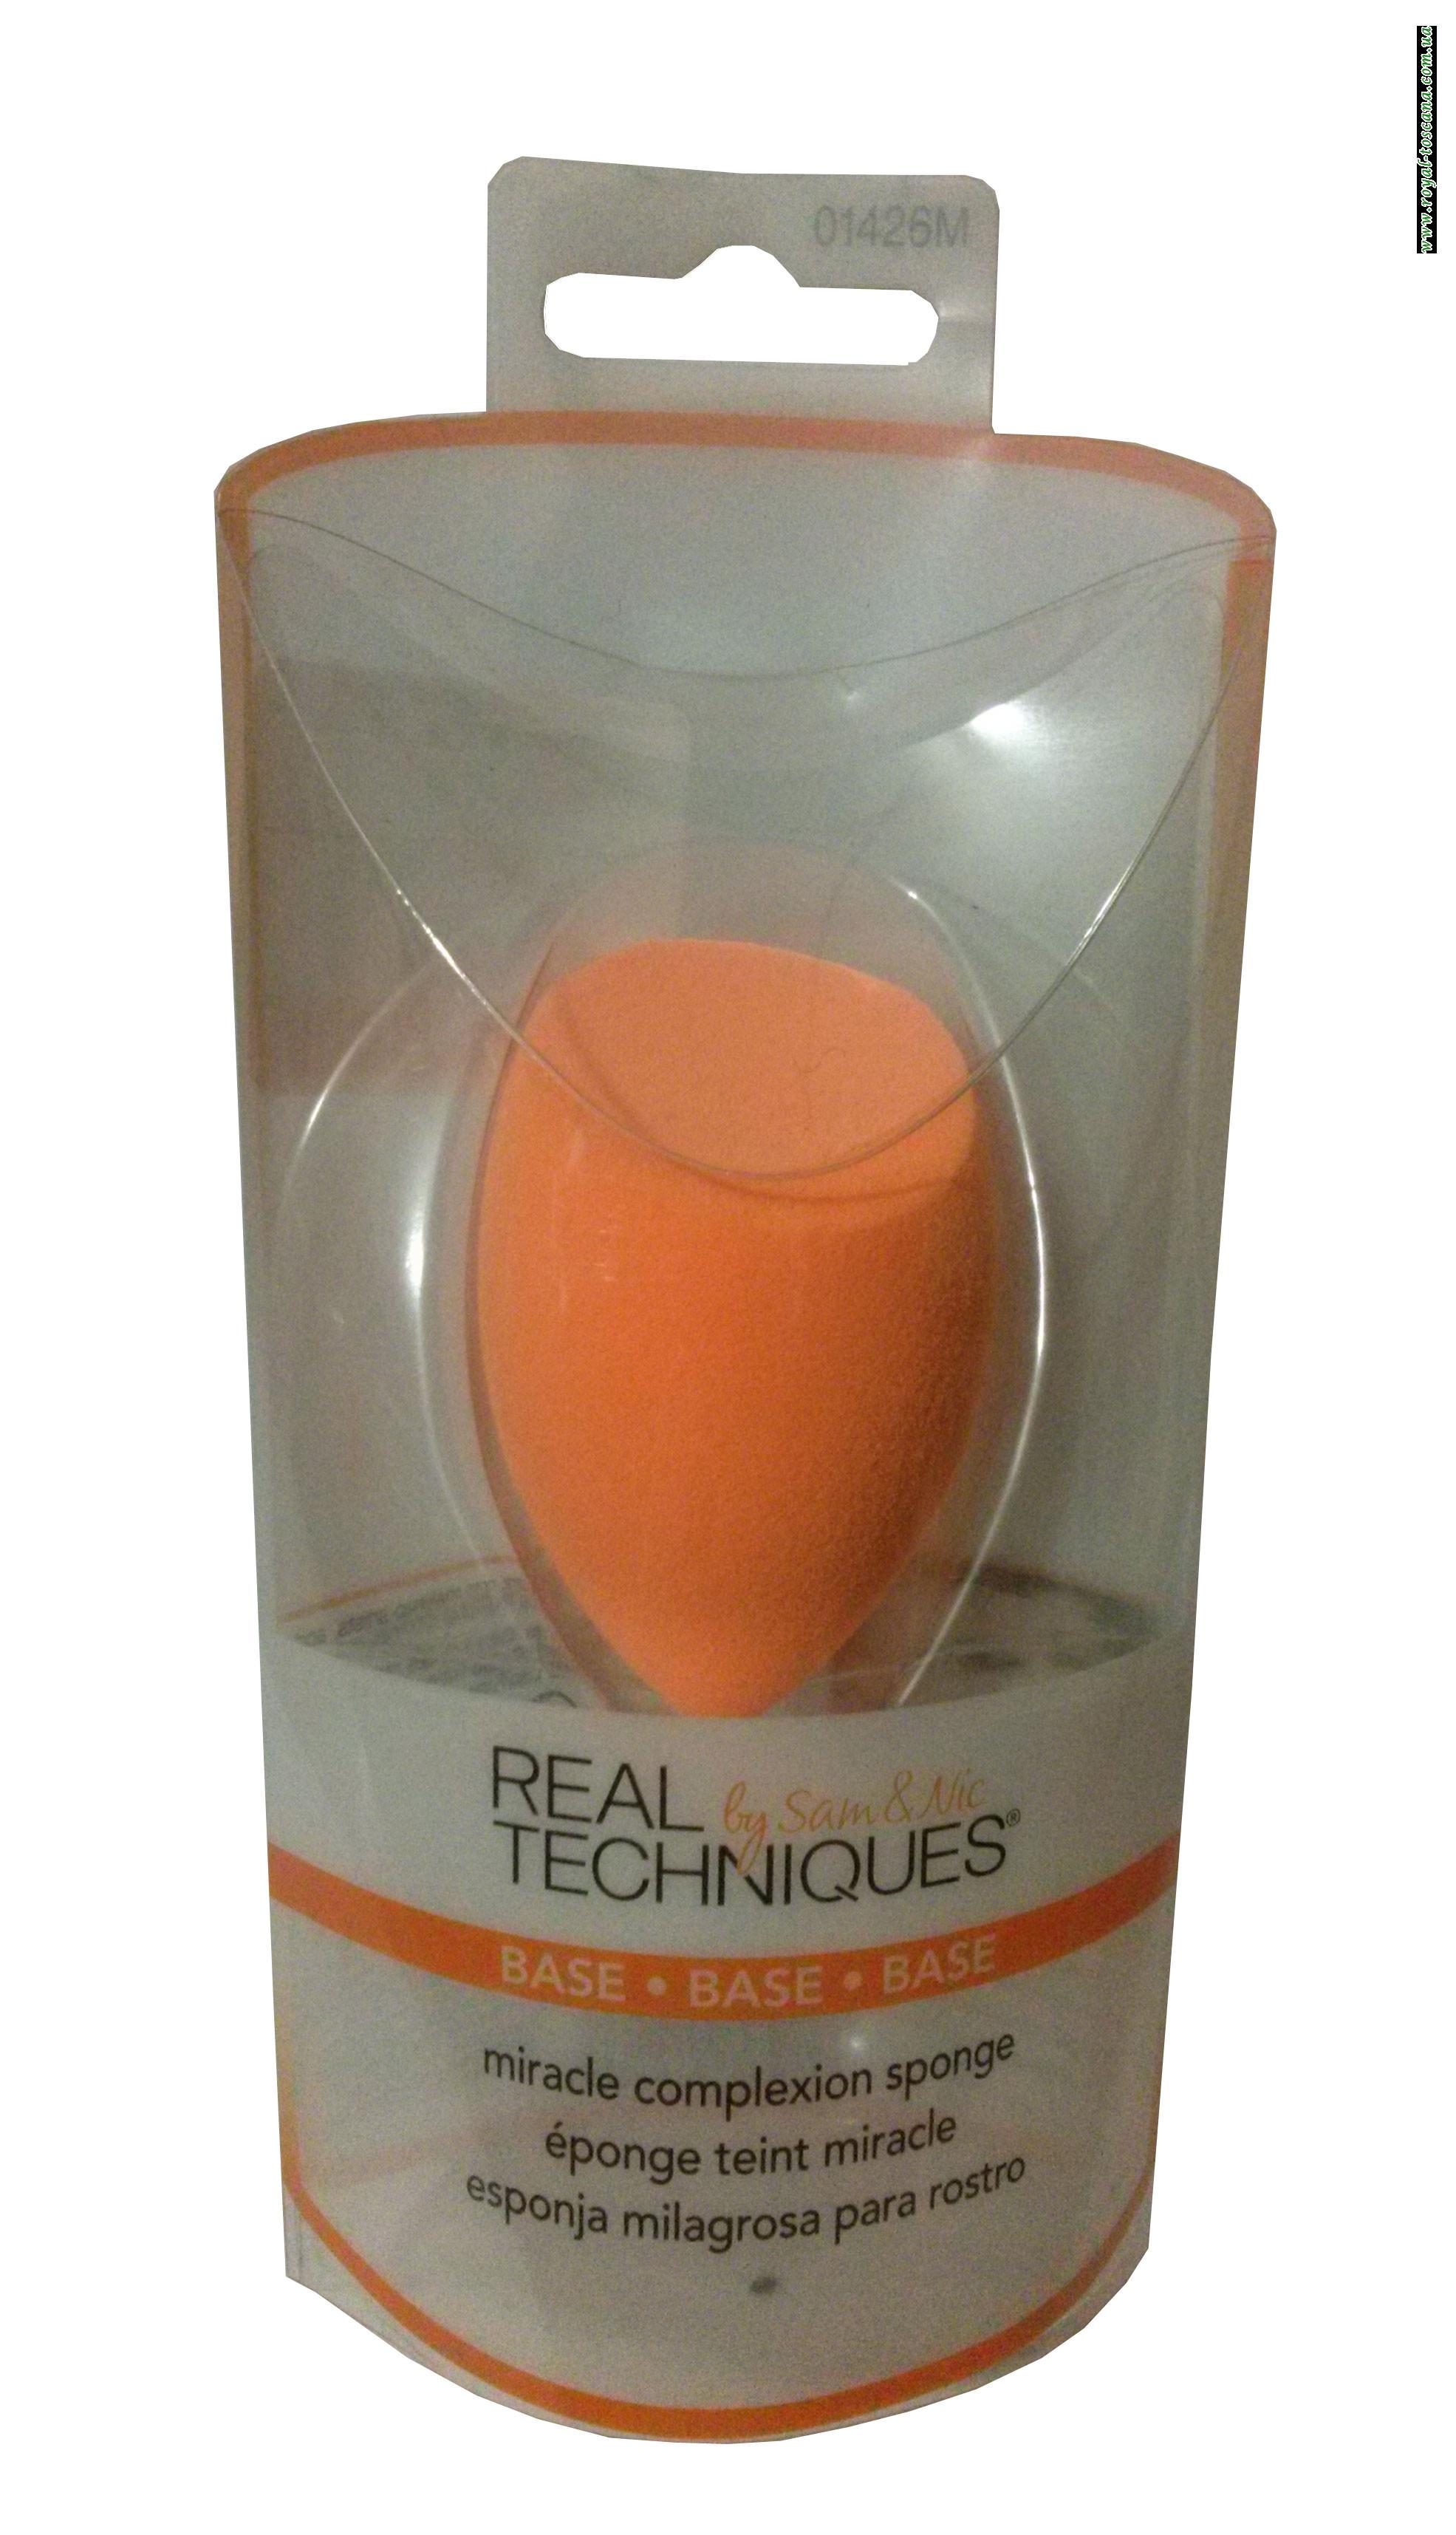 Косметический спонж для макияжа Real Techniques by Sam & Nic Chapman Miracle Complexion Sponge